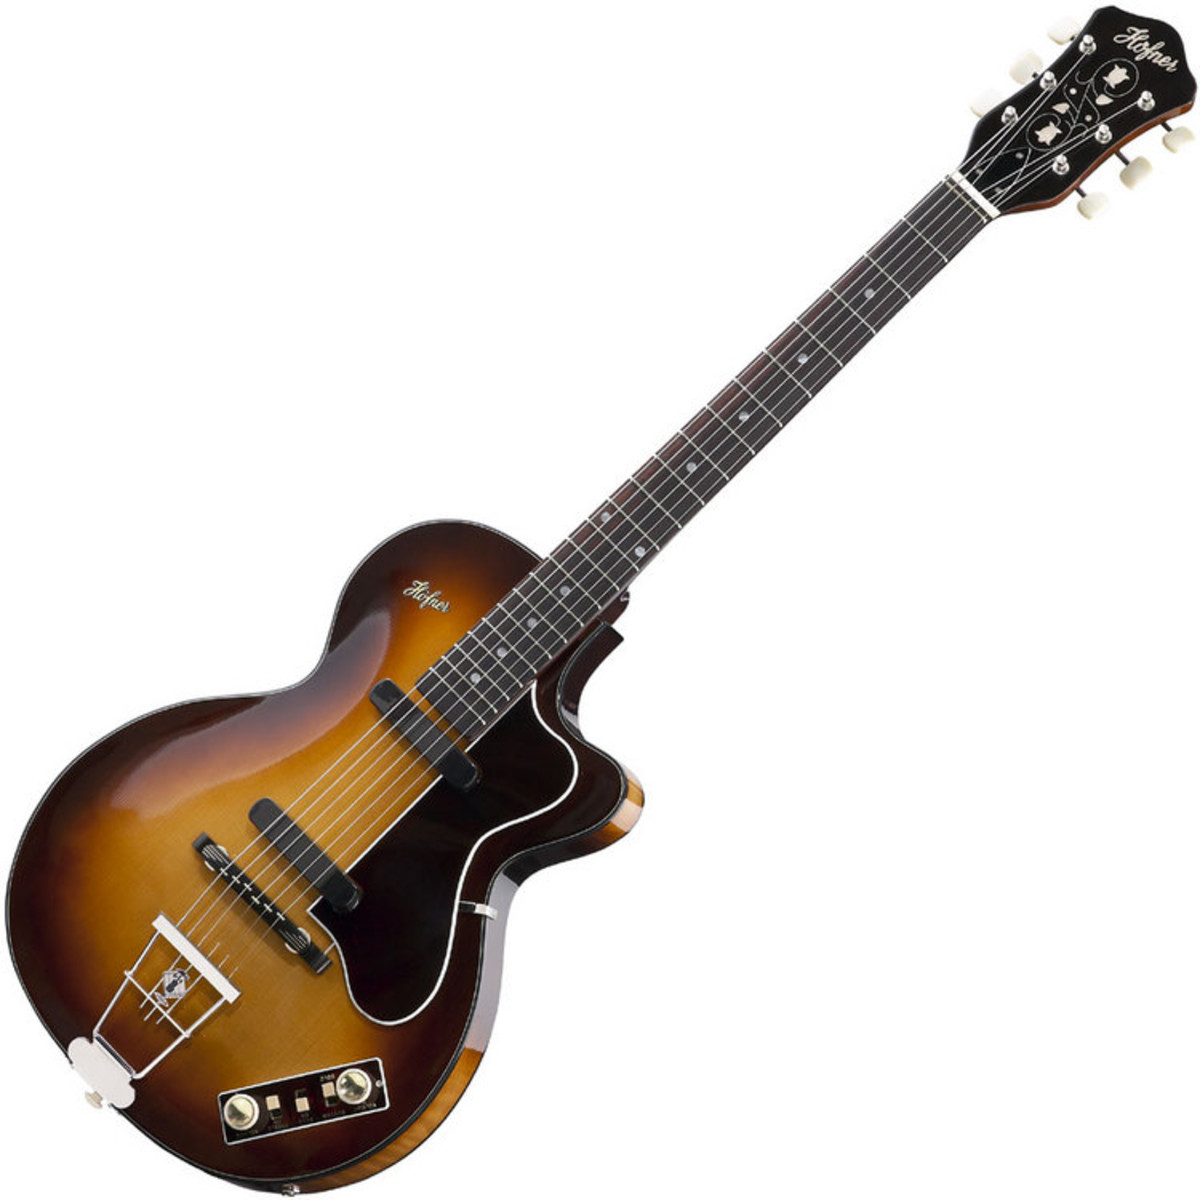 Hofner Electric Guitar : hofner club 50 electric guitar sunburst at ~ Hamham.info Haus und Dekorationen